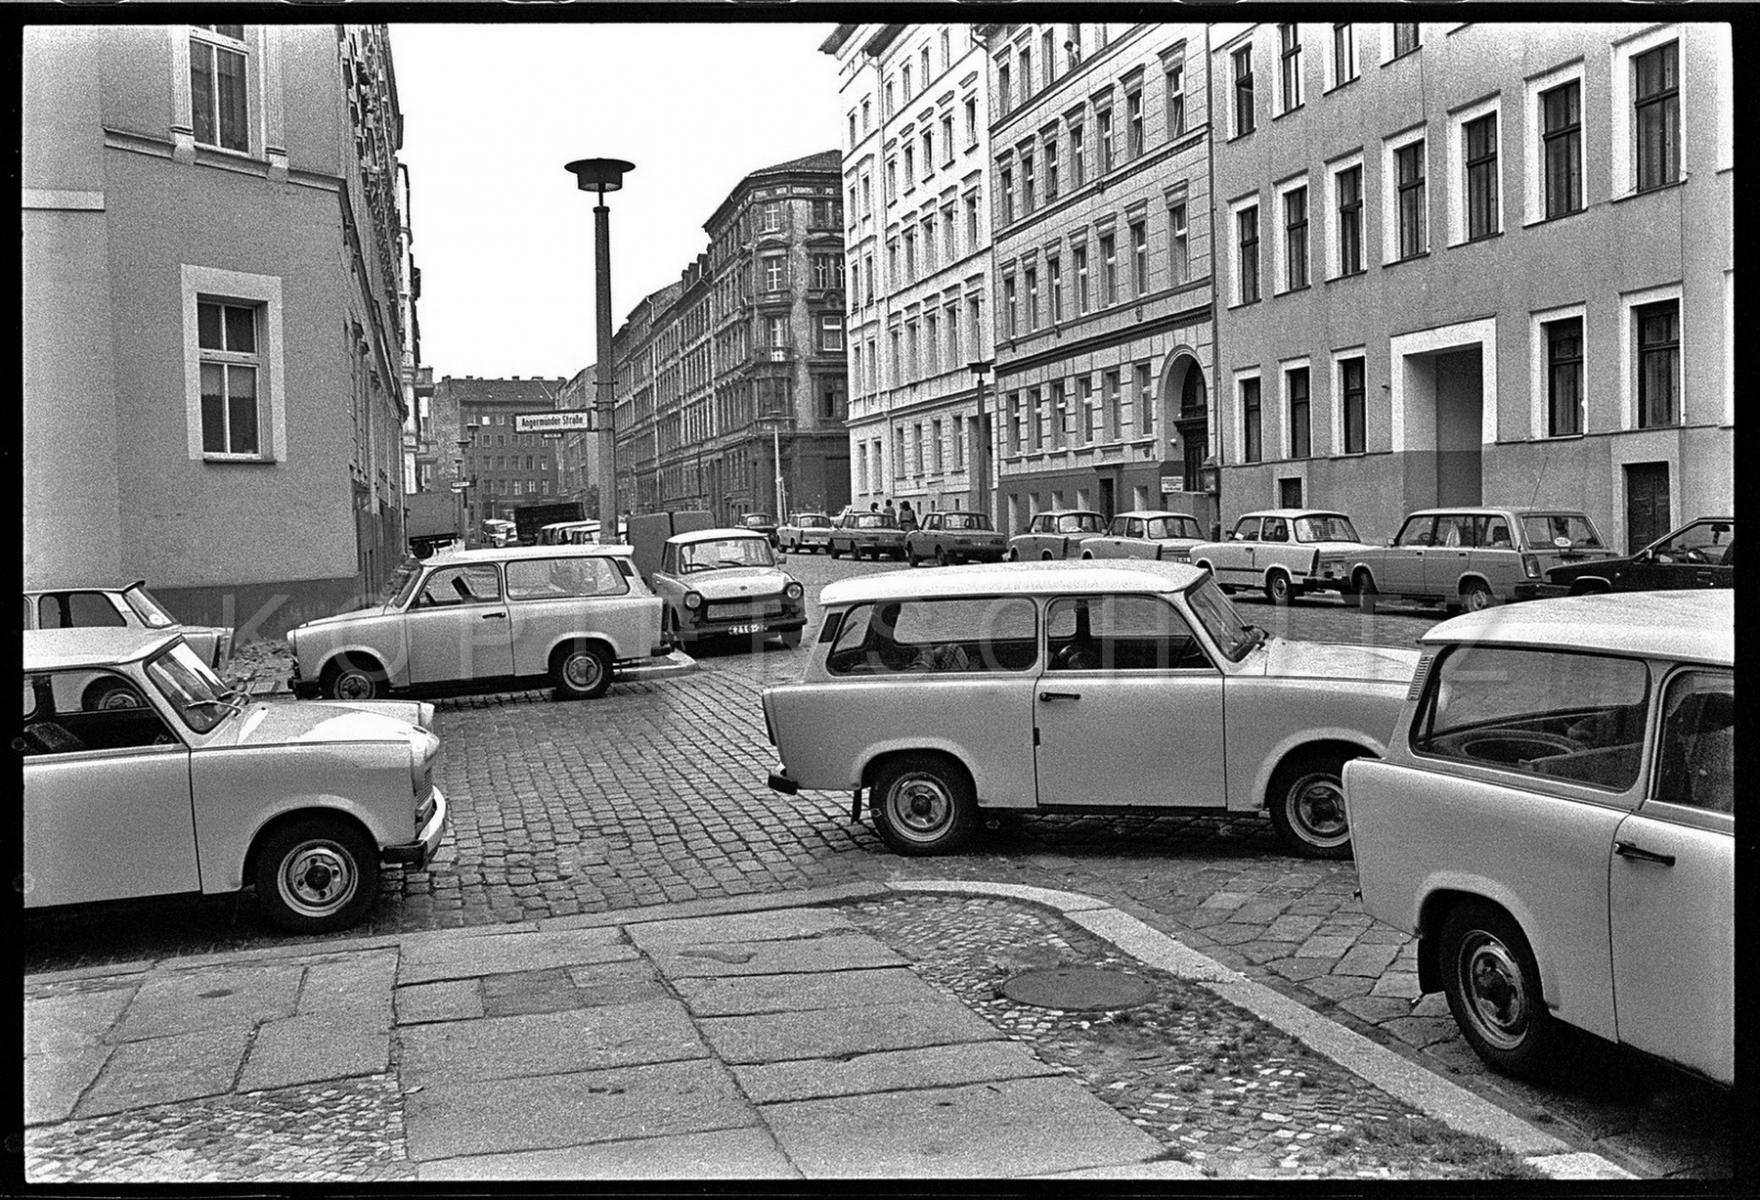 Nr02-042_Lottumstraße 20.9.1989